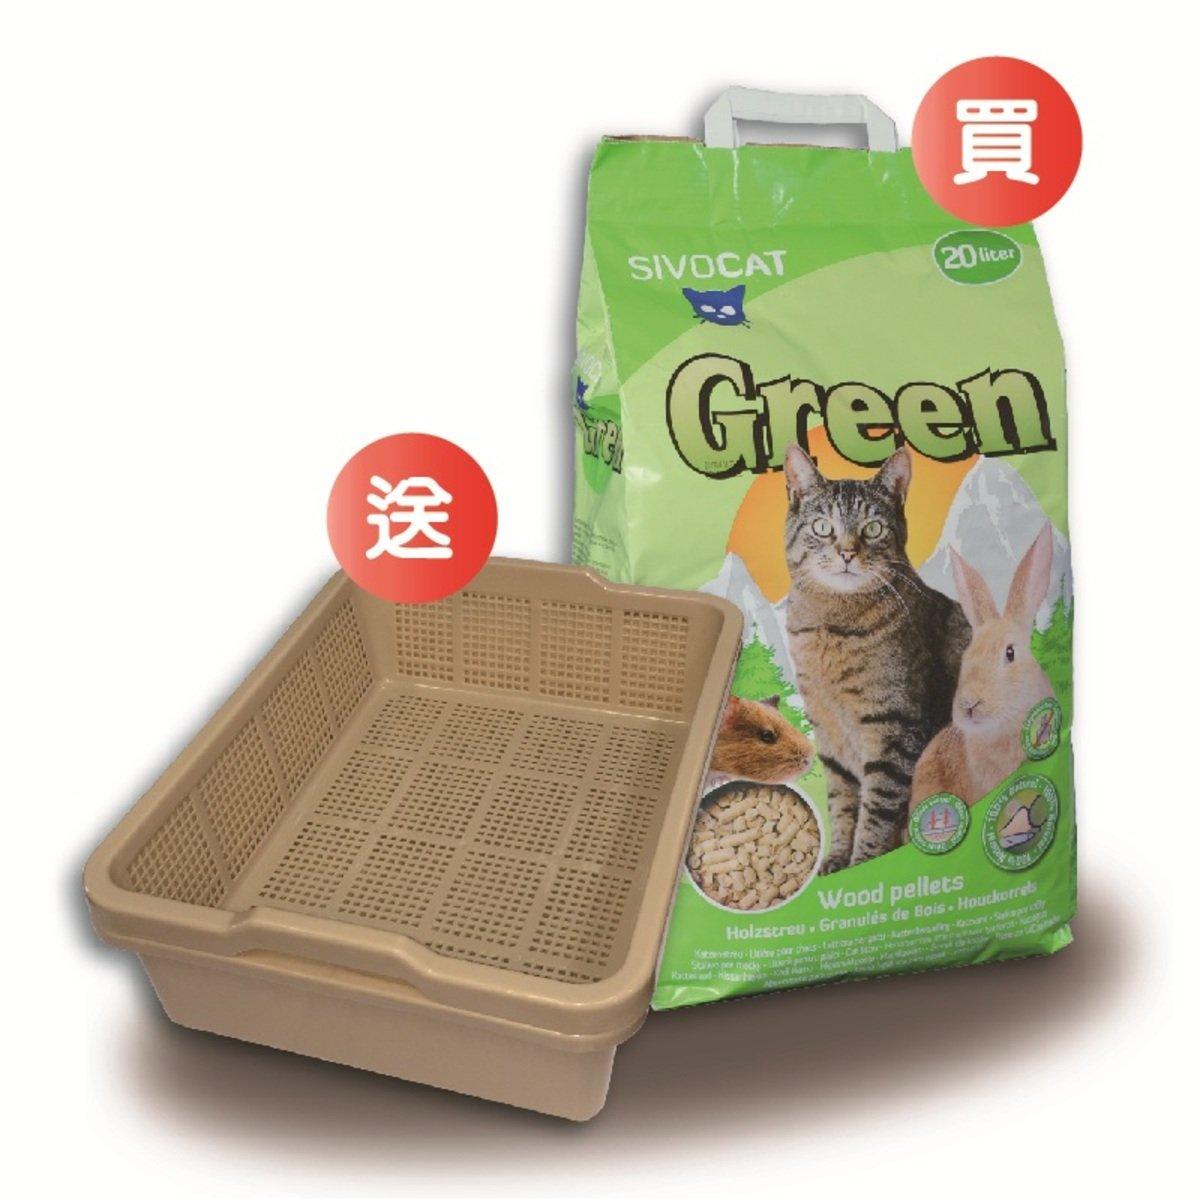 限量優惠-買砂送盆:比利時寵物天然環保木砂10.8kg+雙層貓砂盆